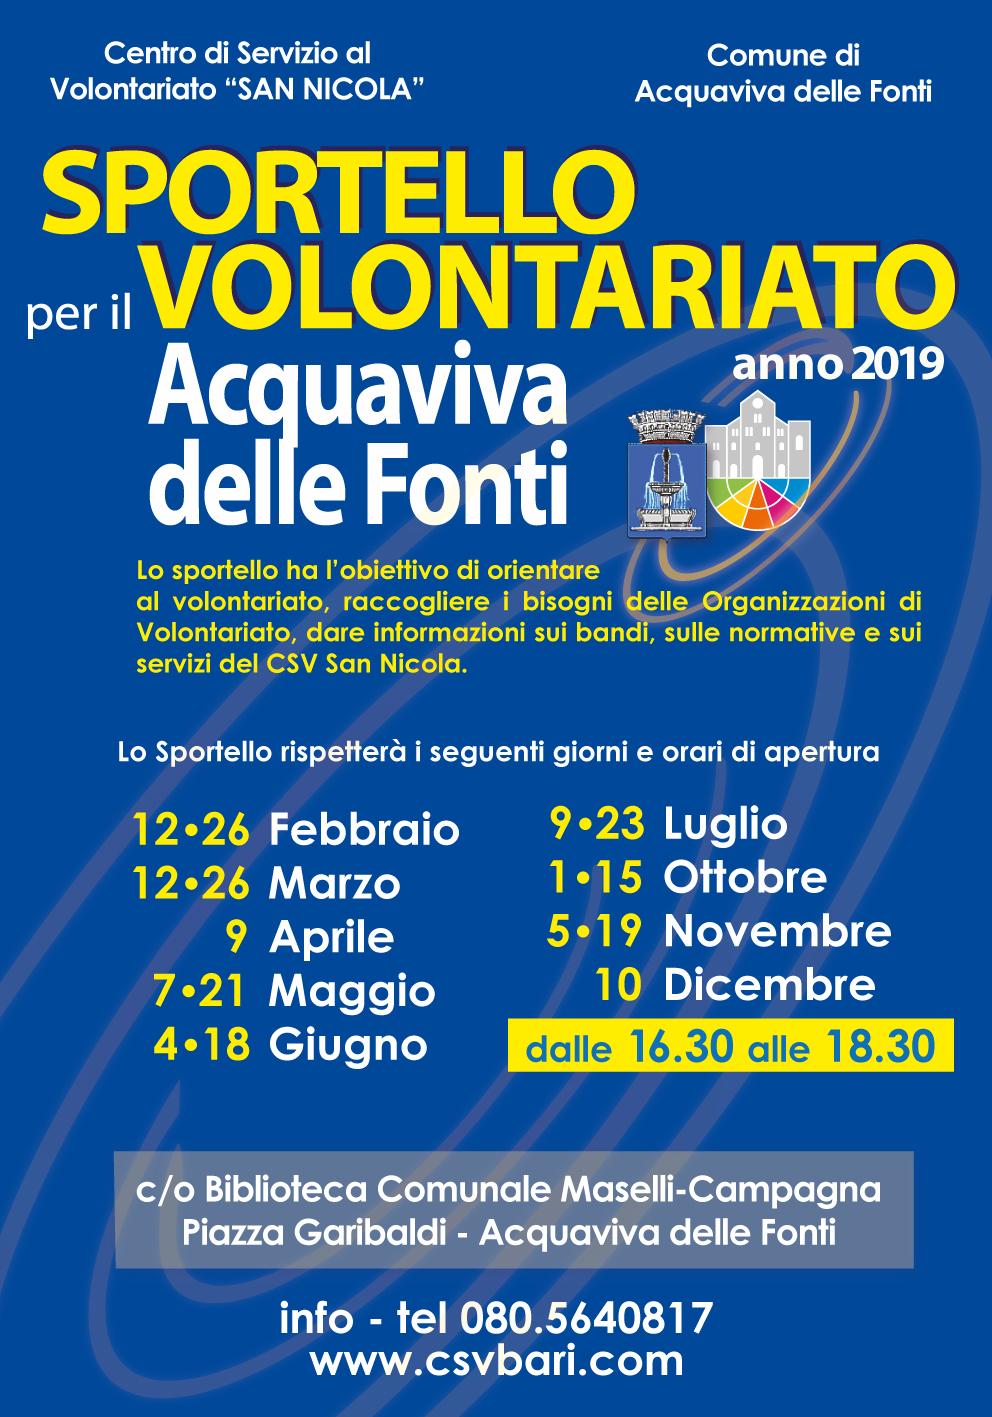 locandina Sportello per il Volontariato Acquaviva delle Fonti 2019 - CSV San Nicola